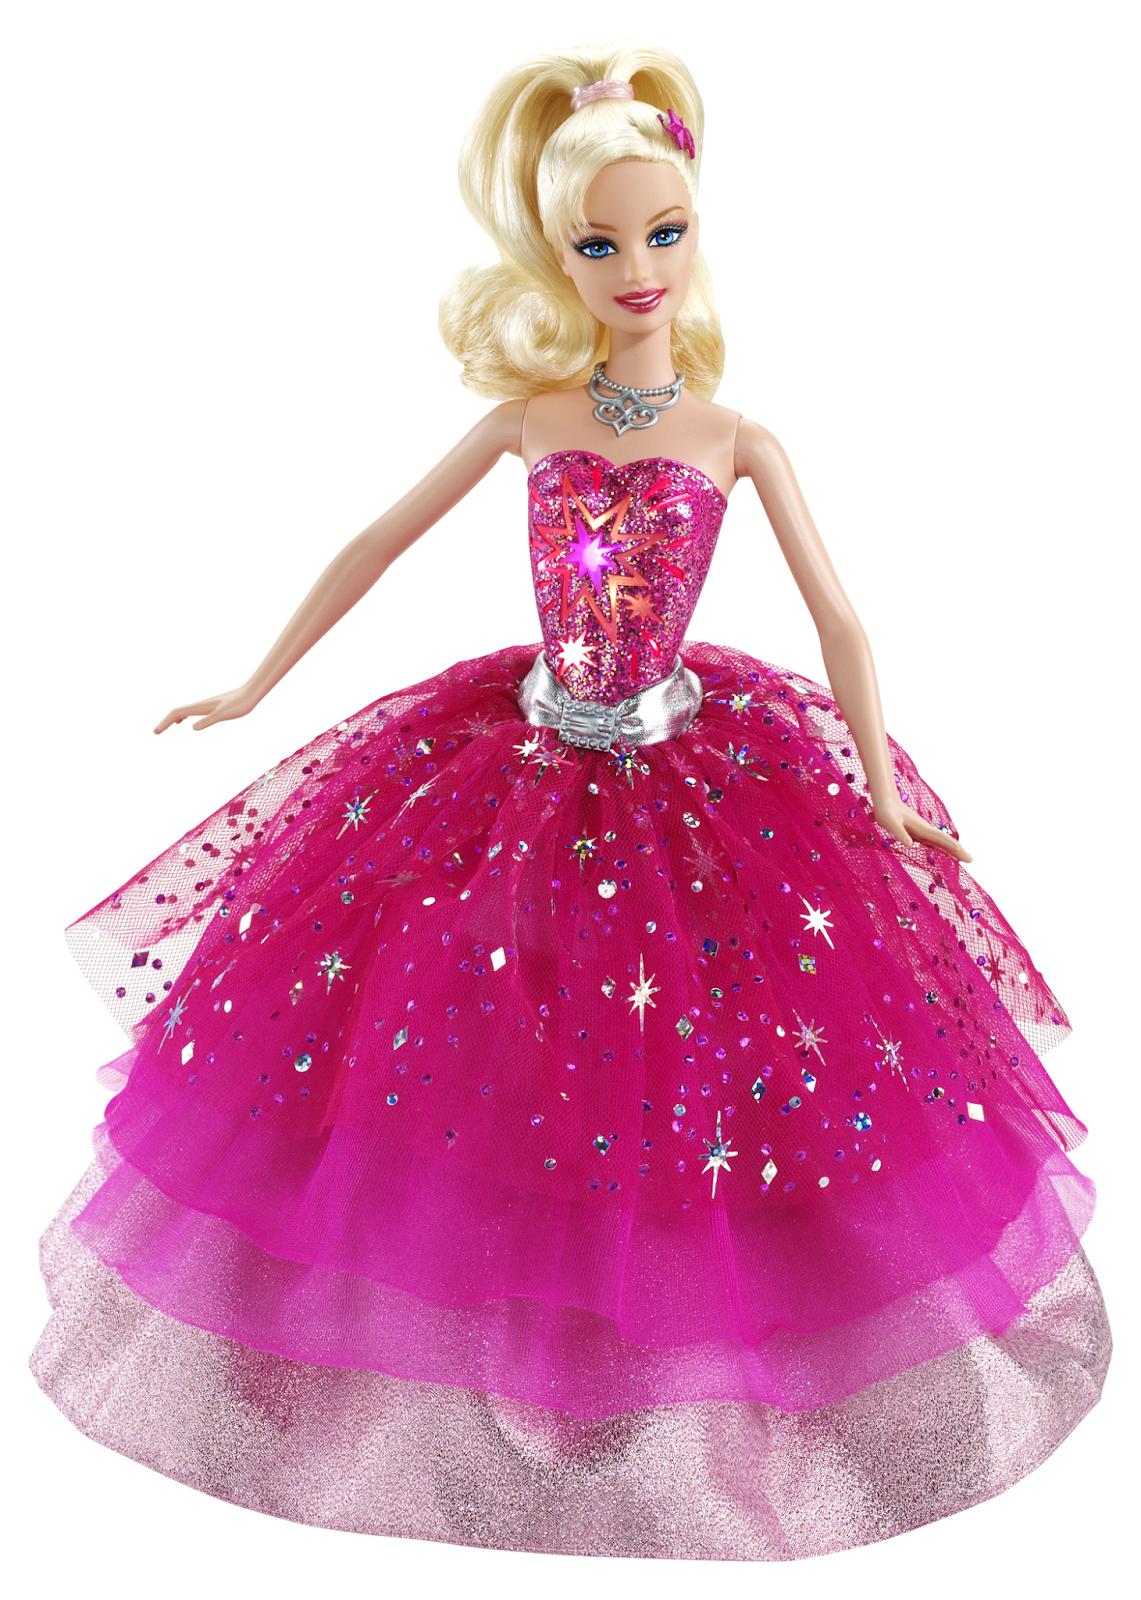 Gambar boneka barbie untuk anak online